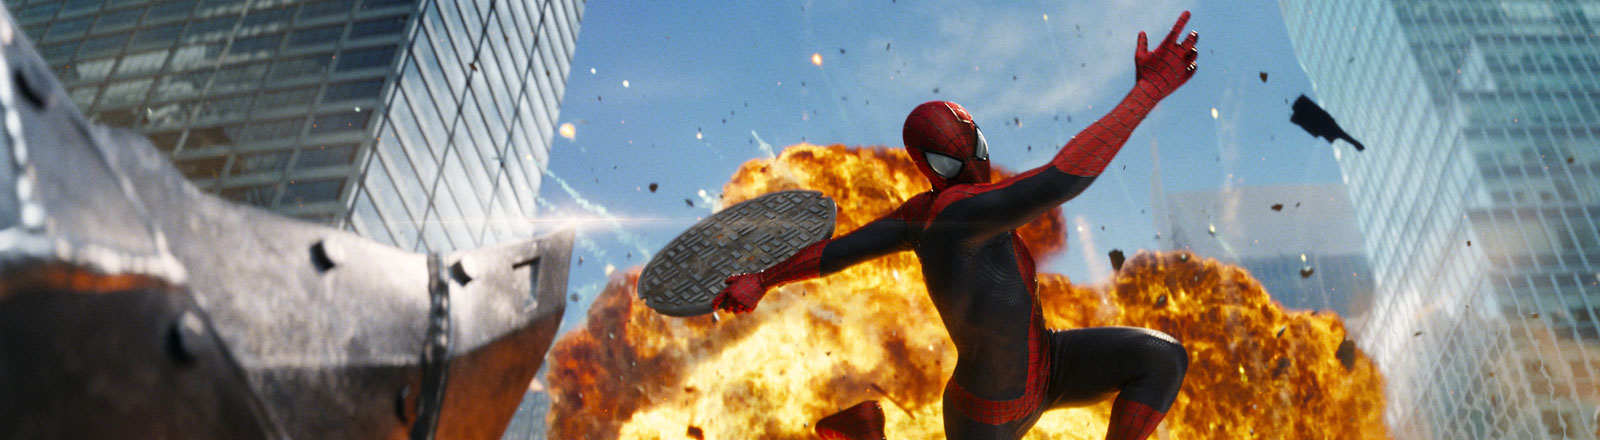 """Andrew Garfield als Spider-Man in einer Szene des Kinofilms """"The Amazing Spider-Man 2: Rise Of Electro"""""""